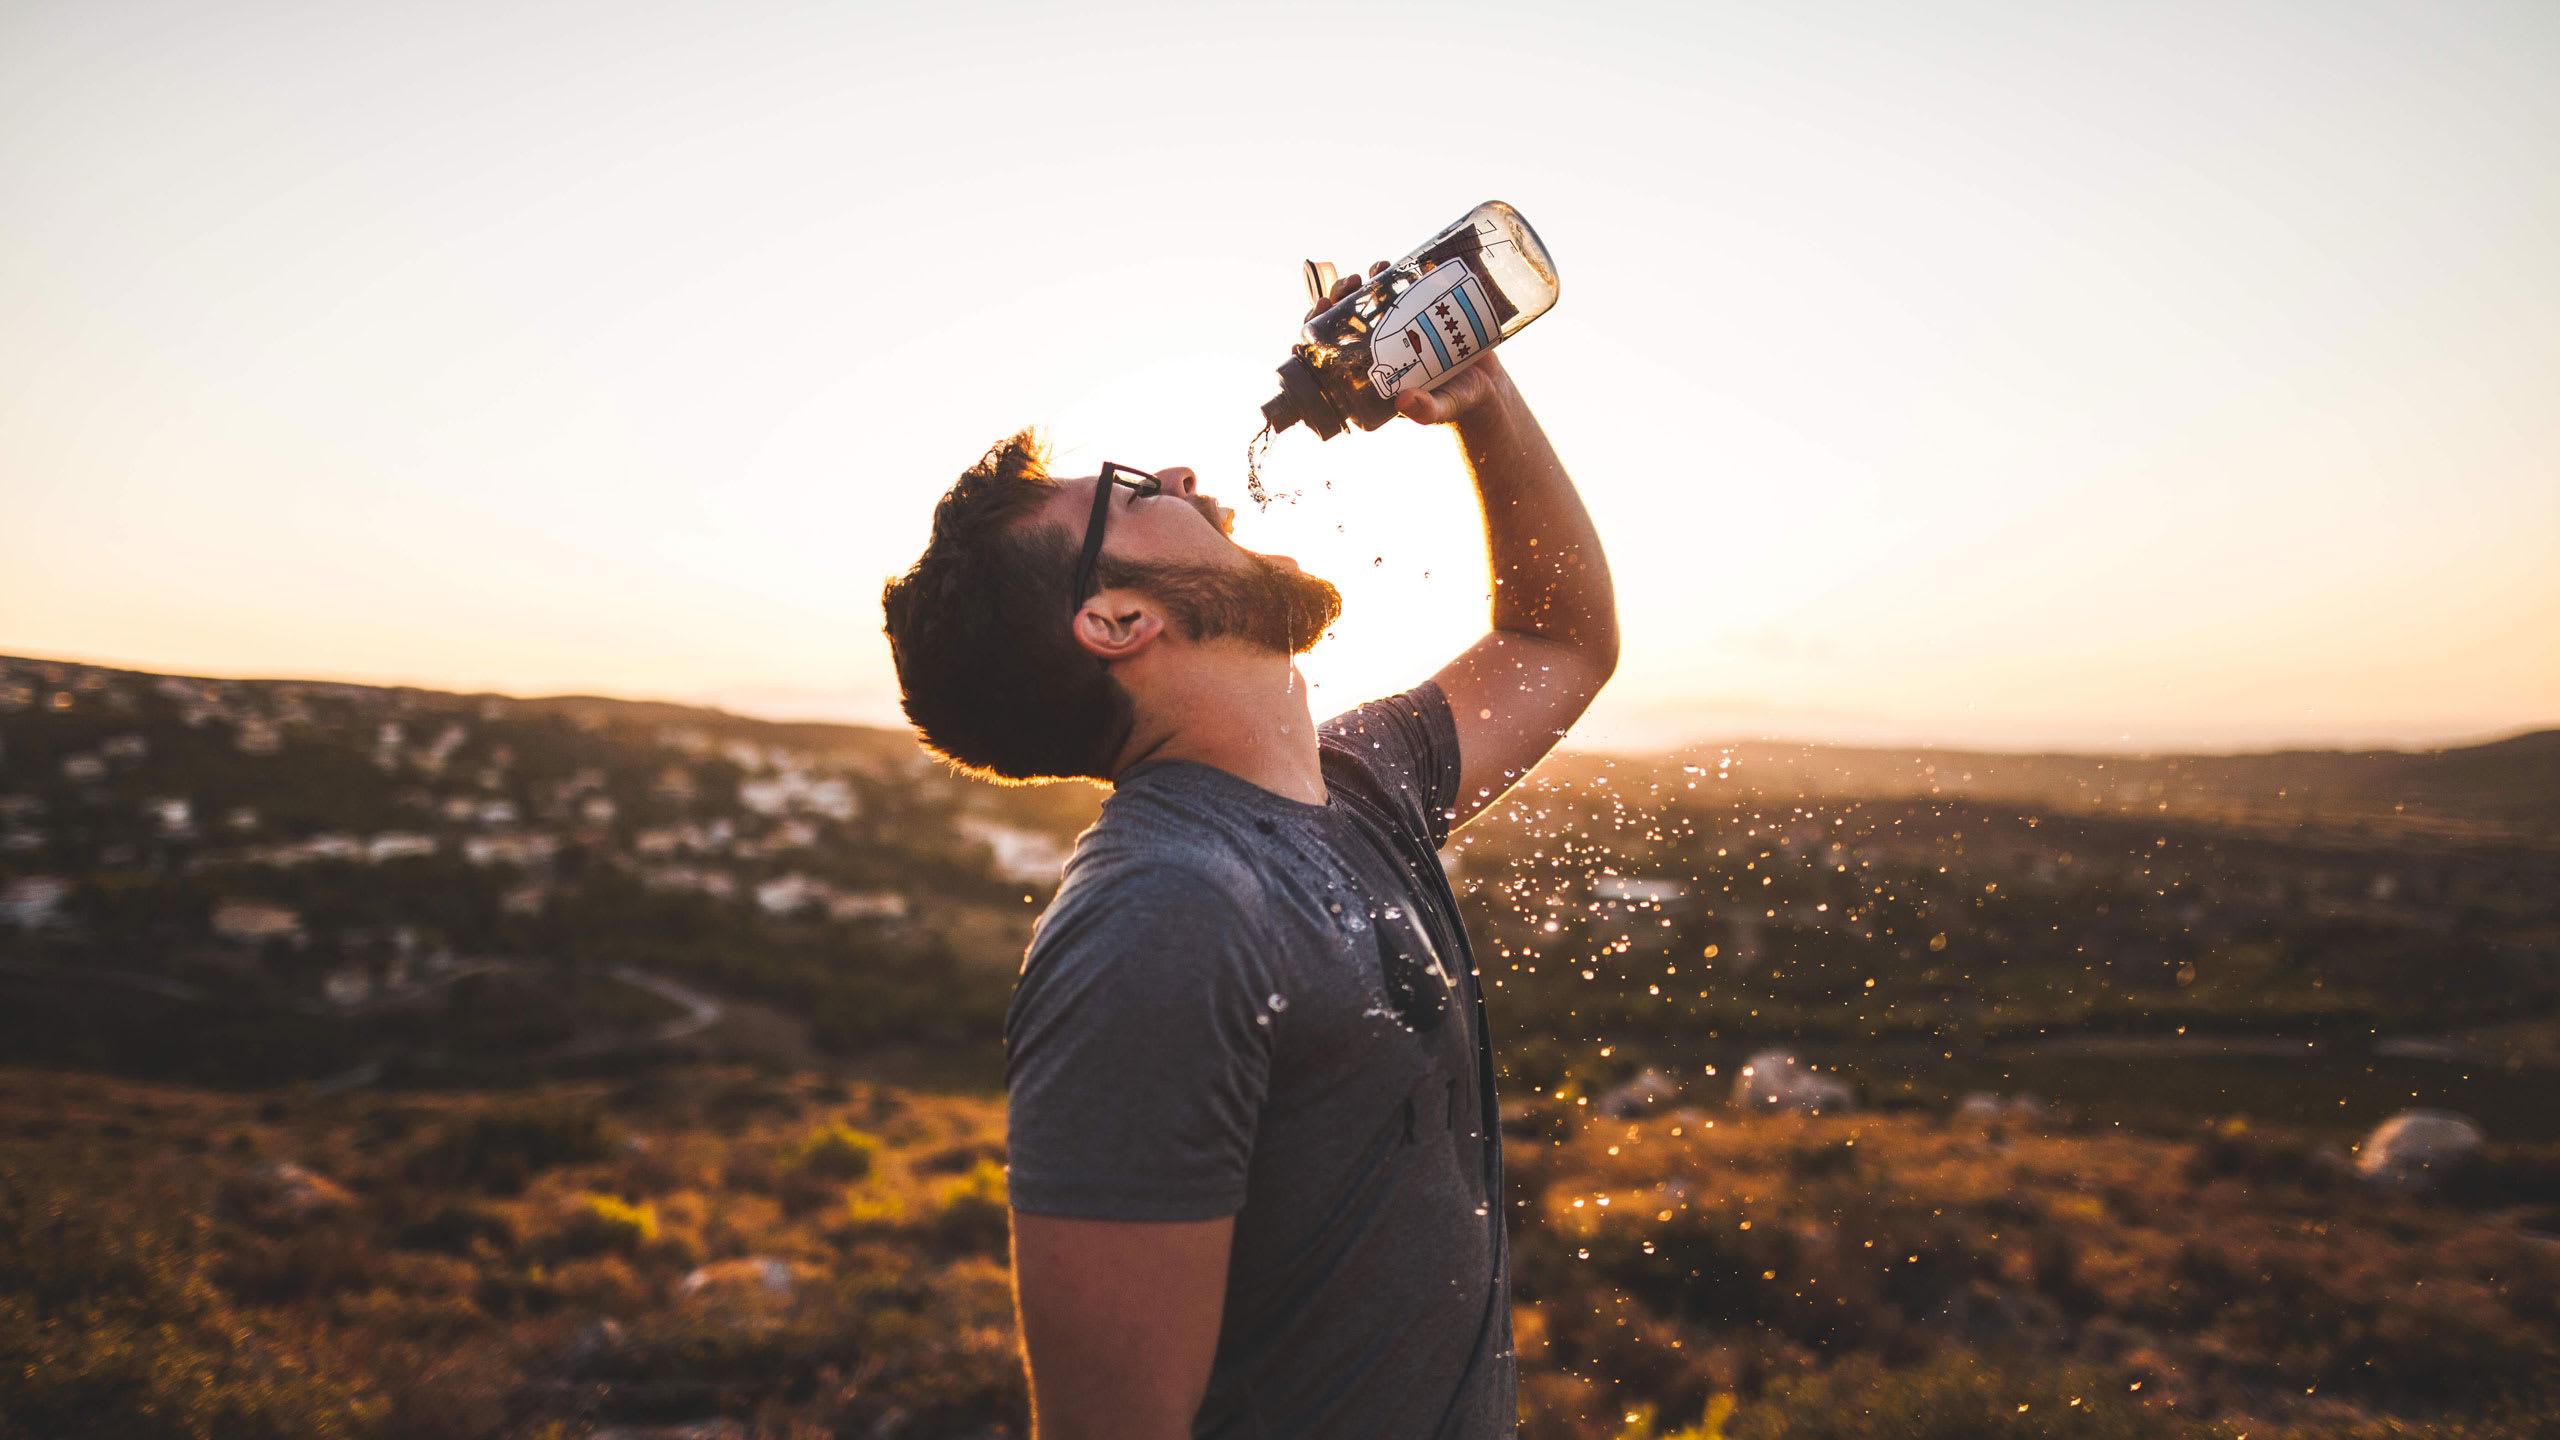 Vatten eller sportdryck?